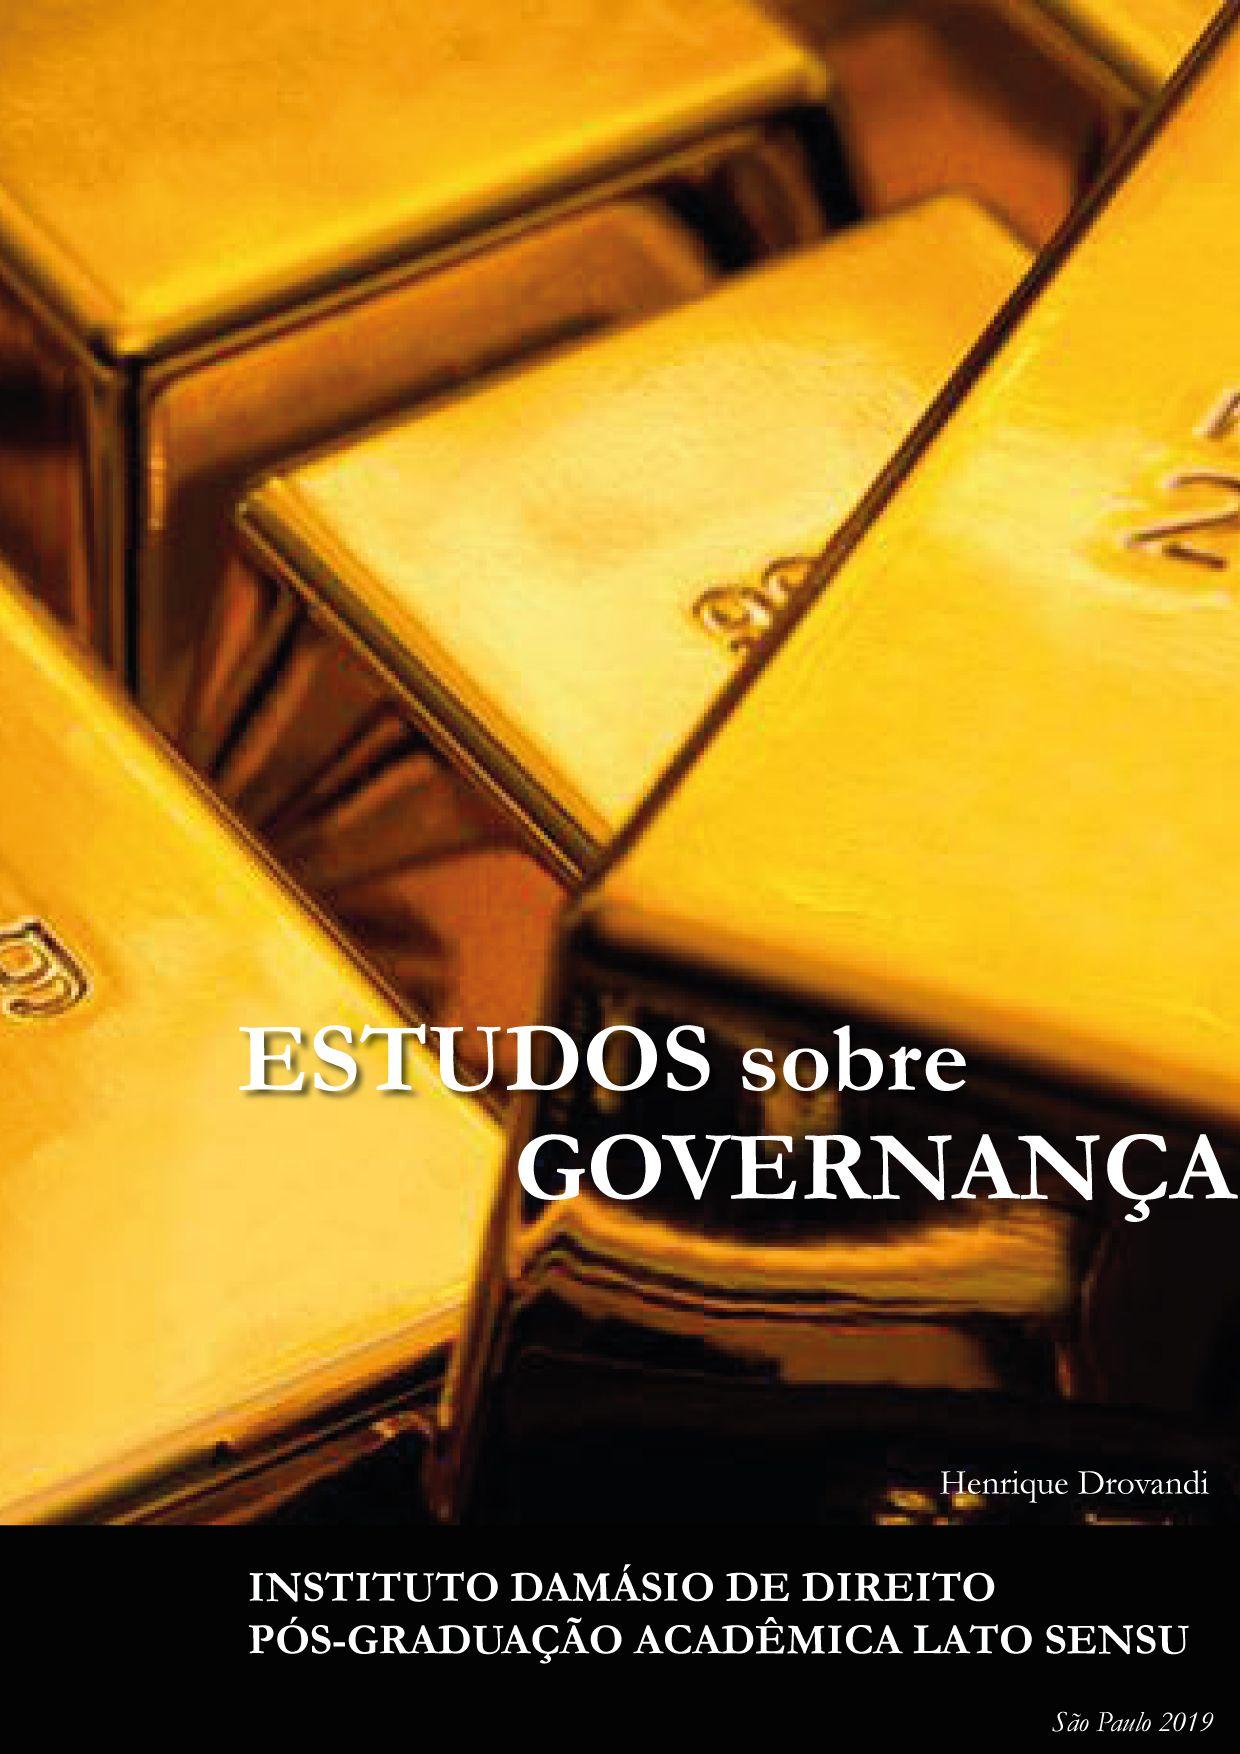 Estudos sobre Governança